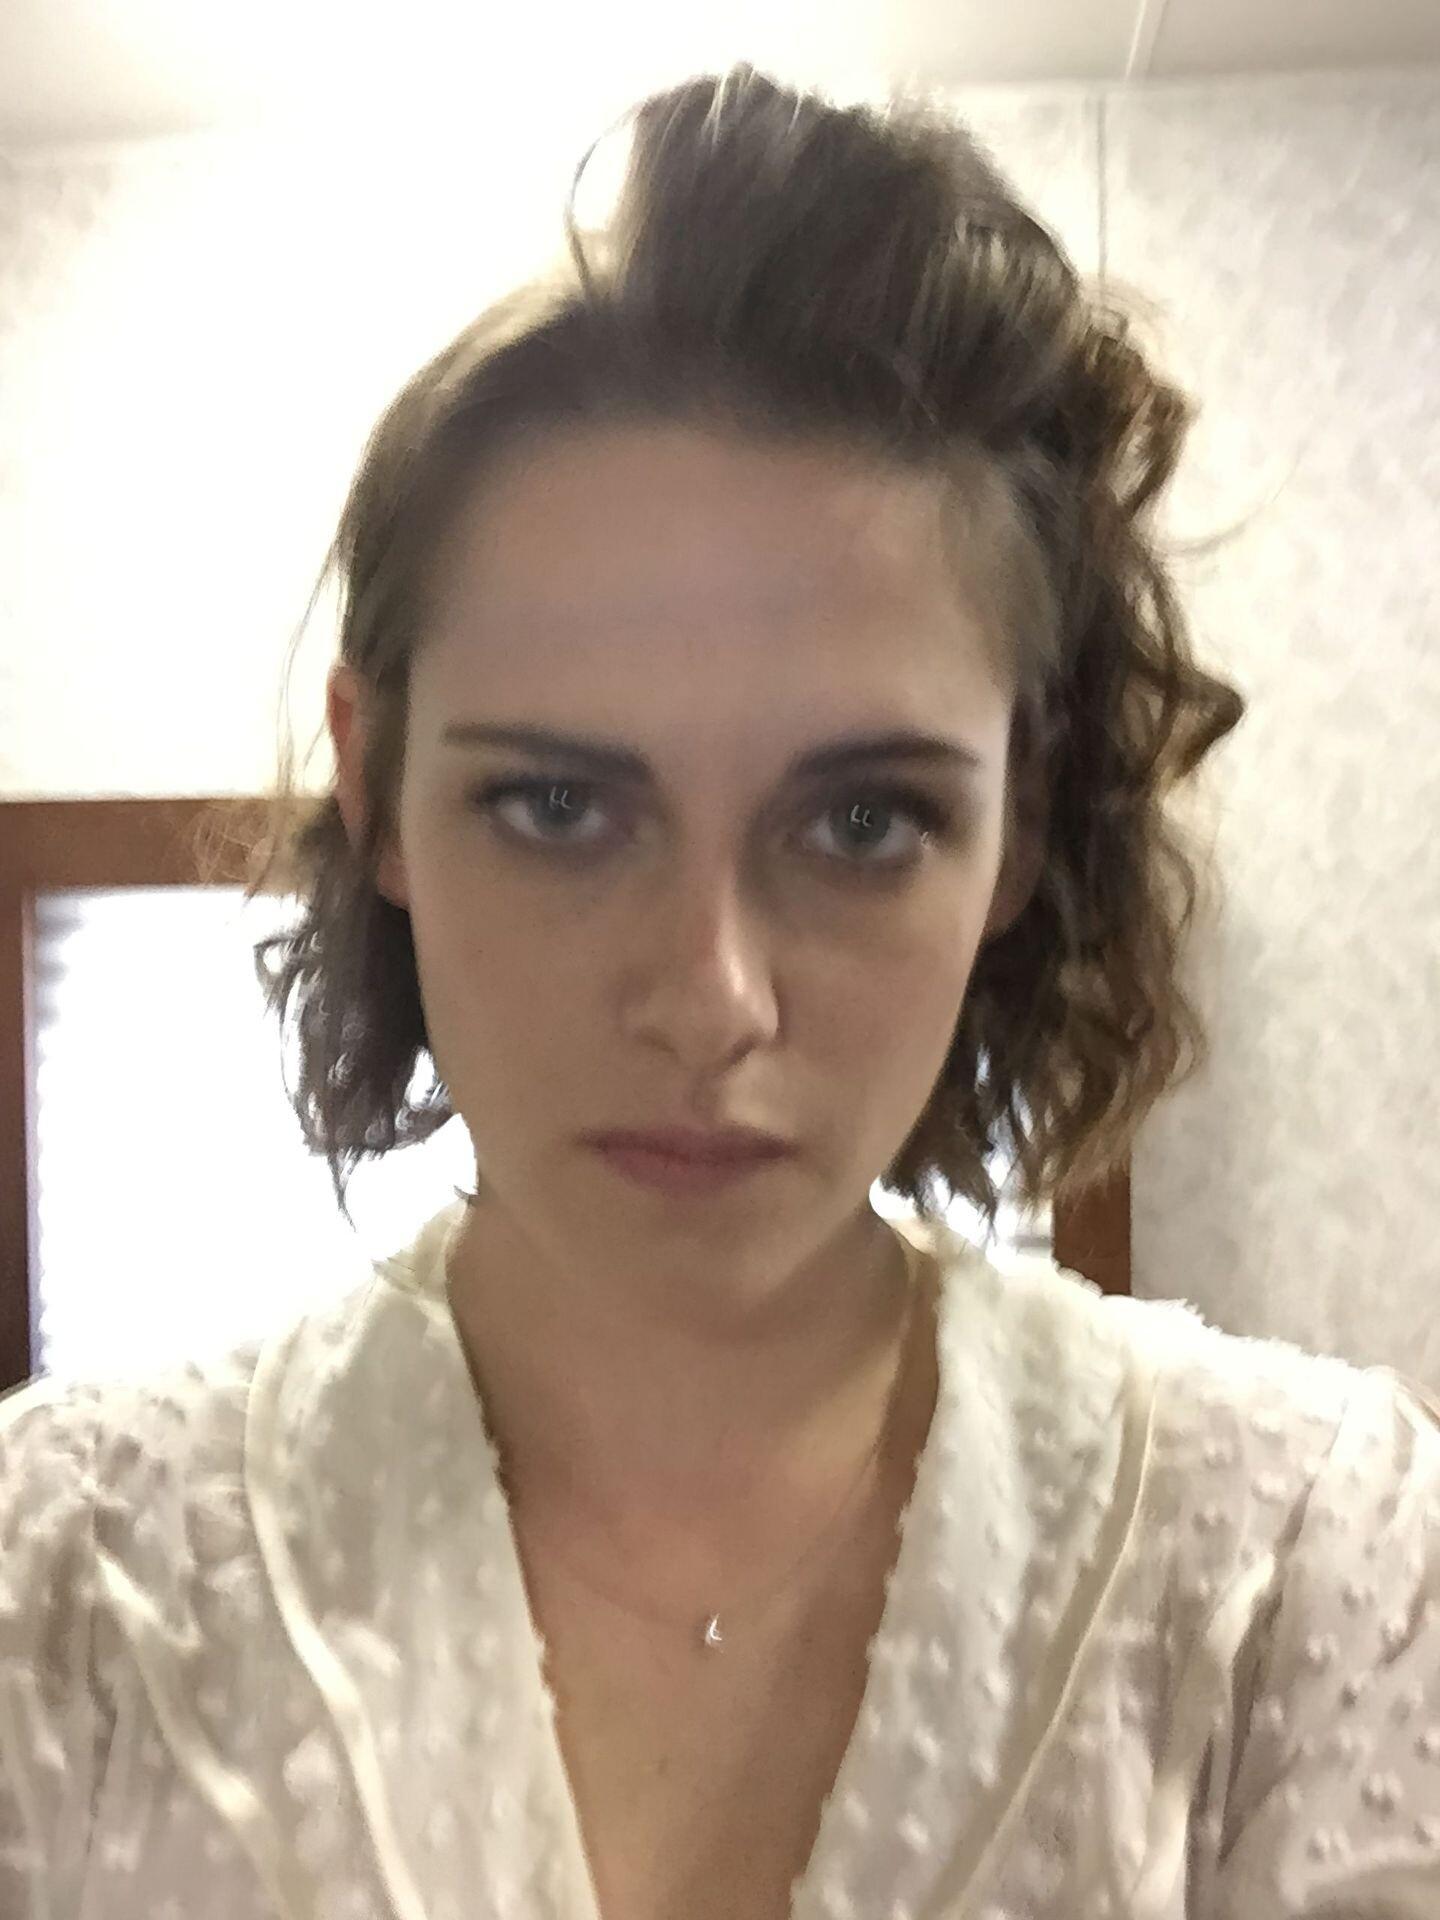 Kristen Stewart Nude Leaked 147 fappenings.com